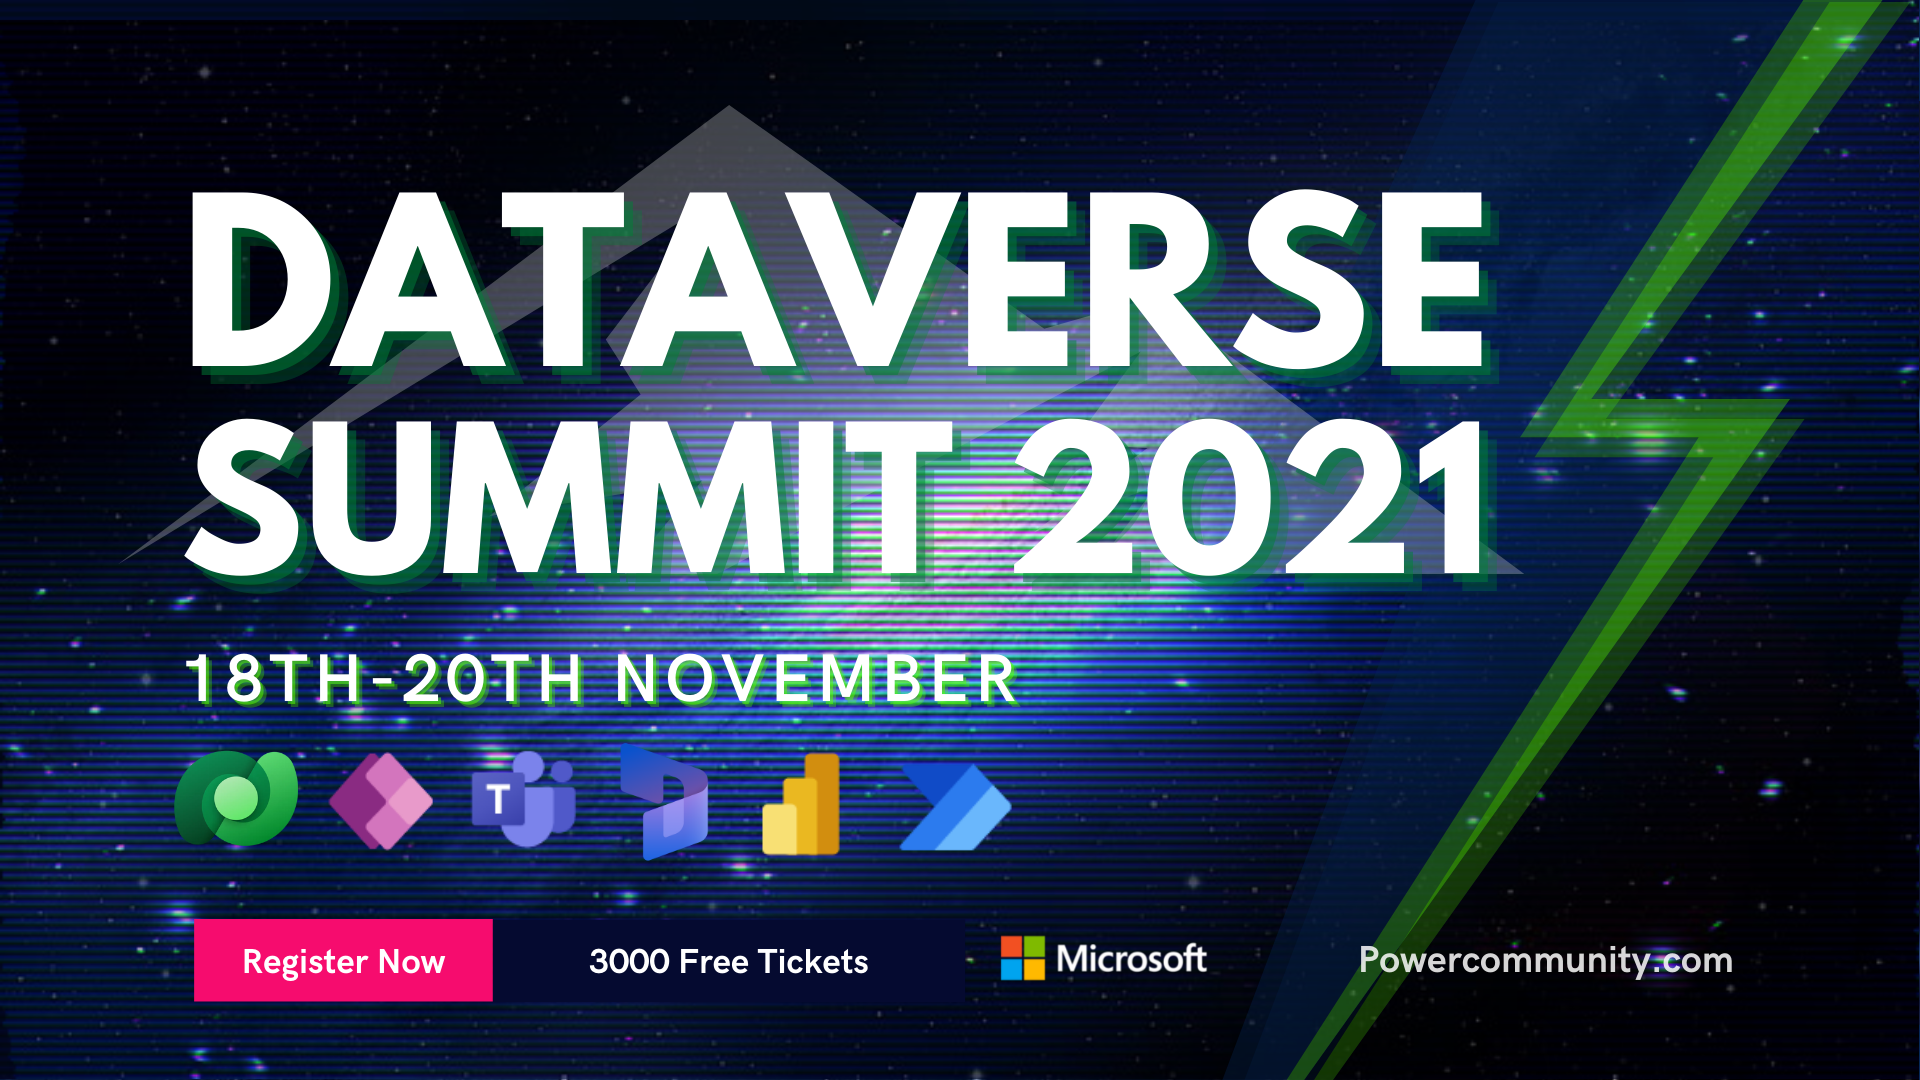 Dataverse Summit 2021